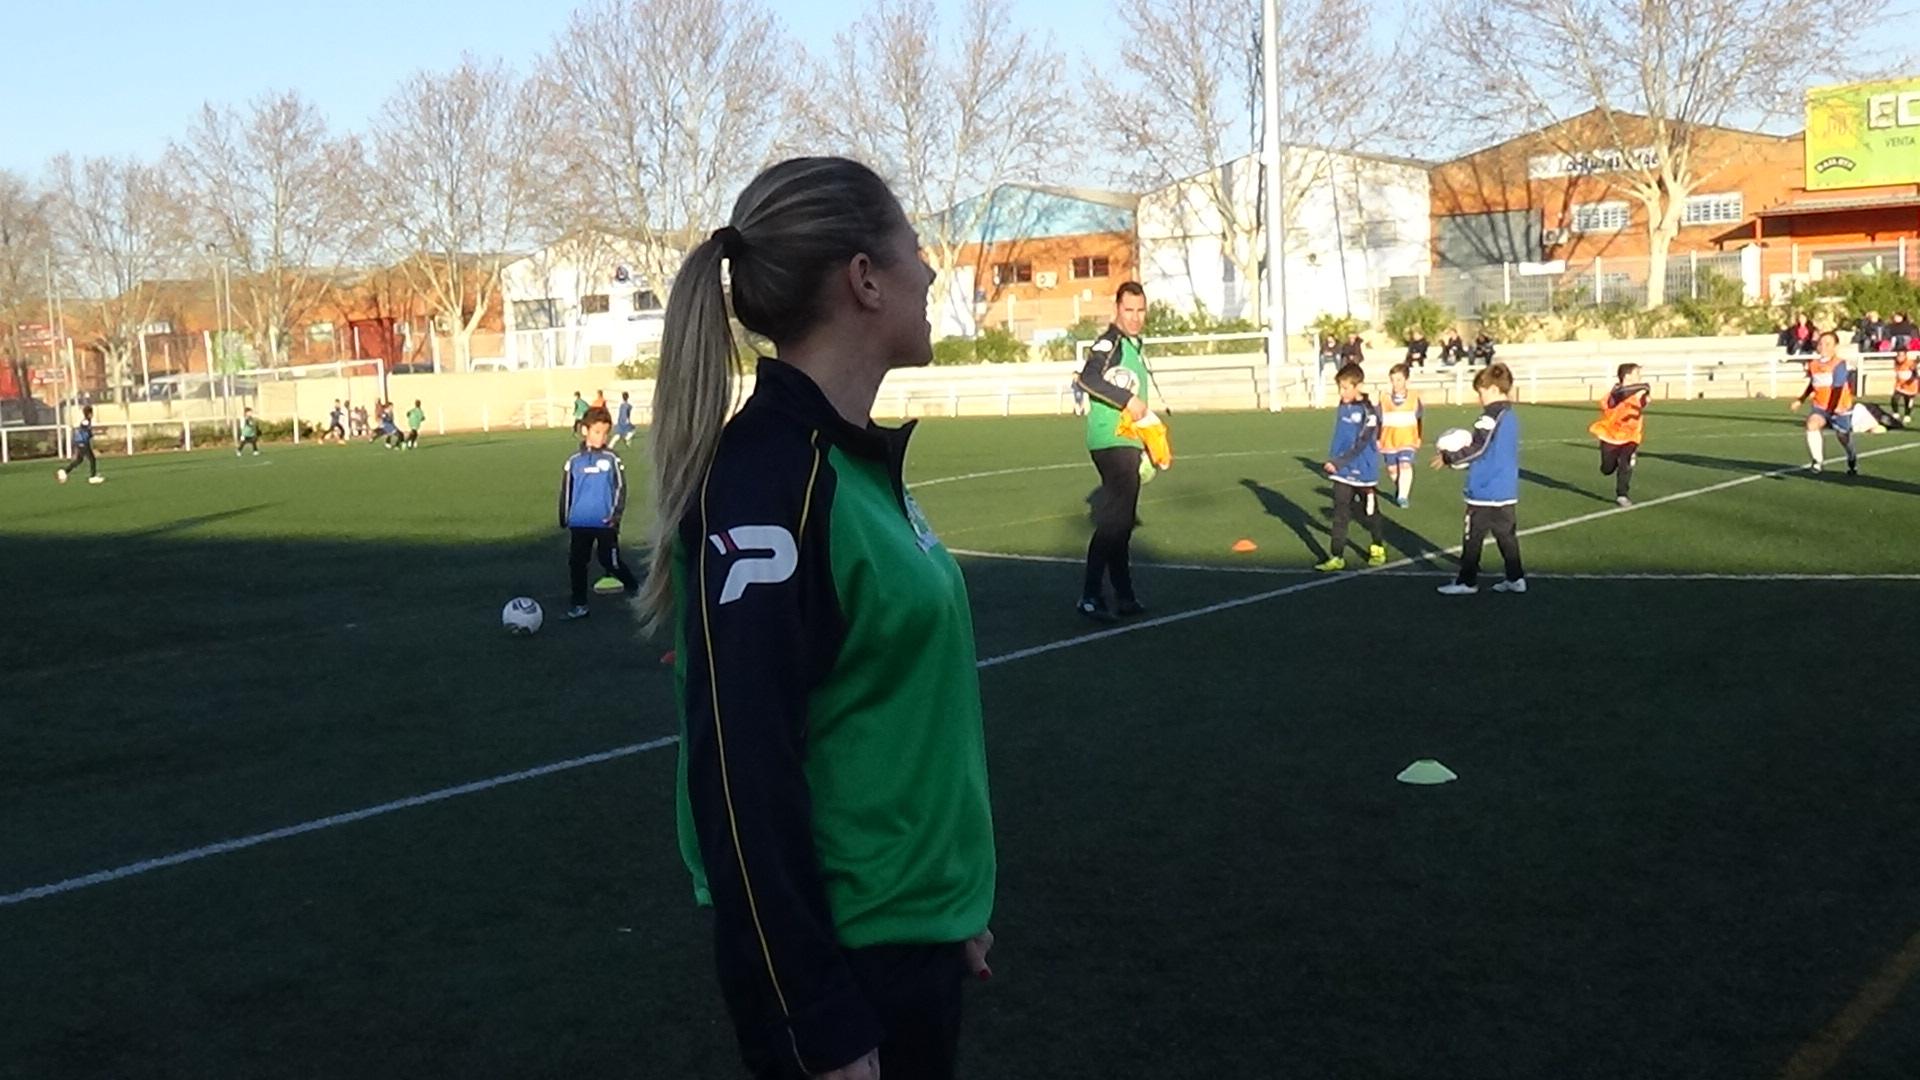 Isabel cree que la combinación del tacto femenino y la mano dura es positiva en la formación de futbolistas.